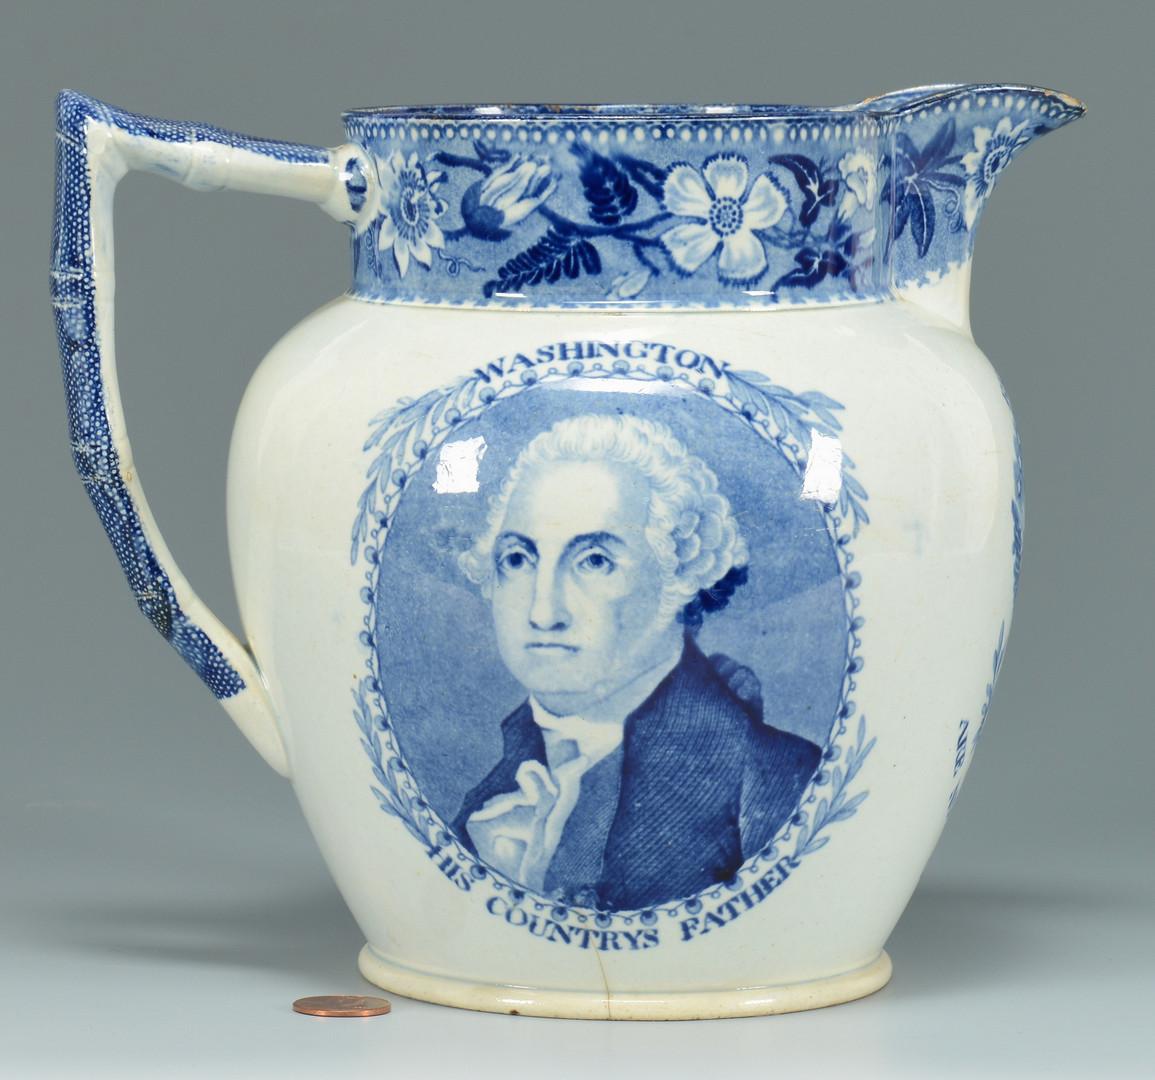 Lot 137: Historical Pitcher, Lafayette and Washington